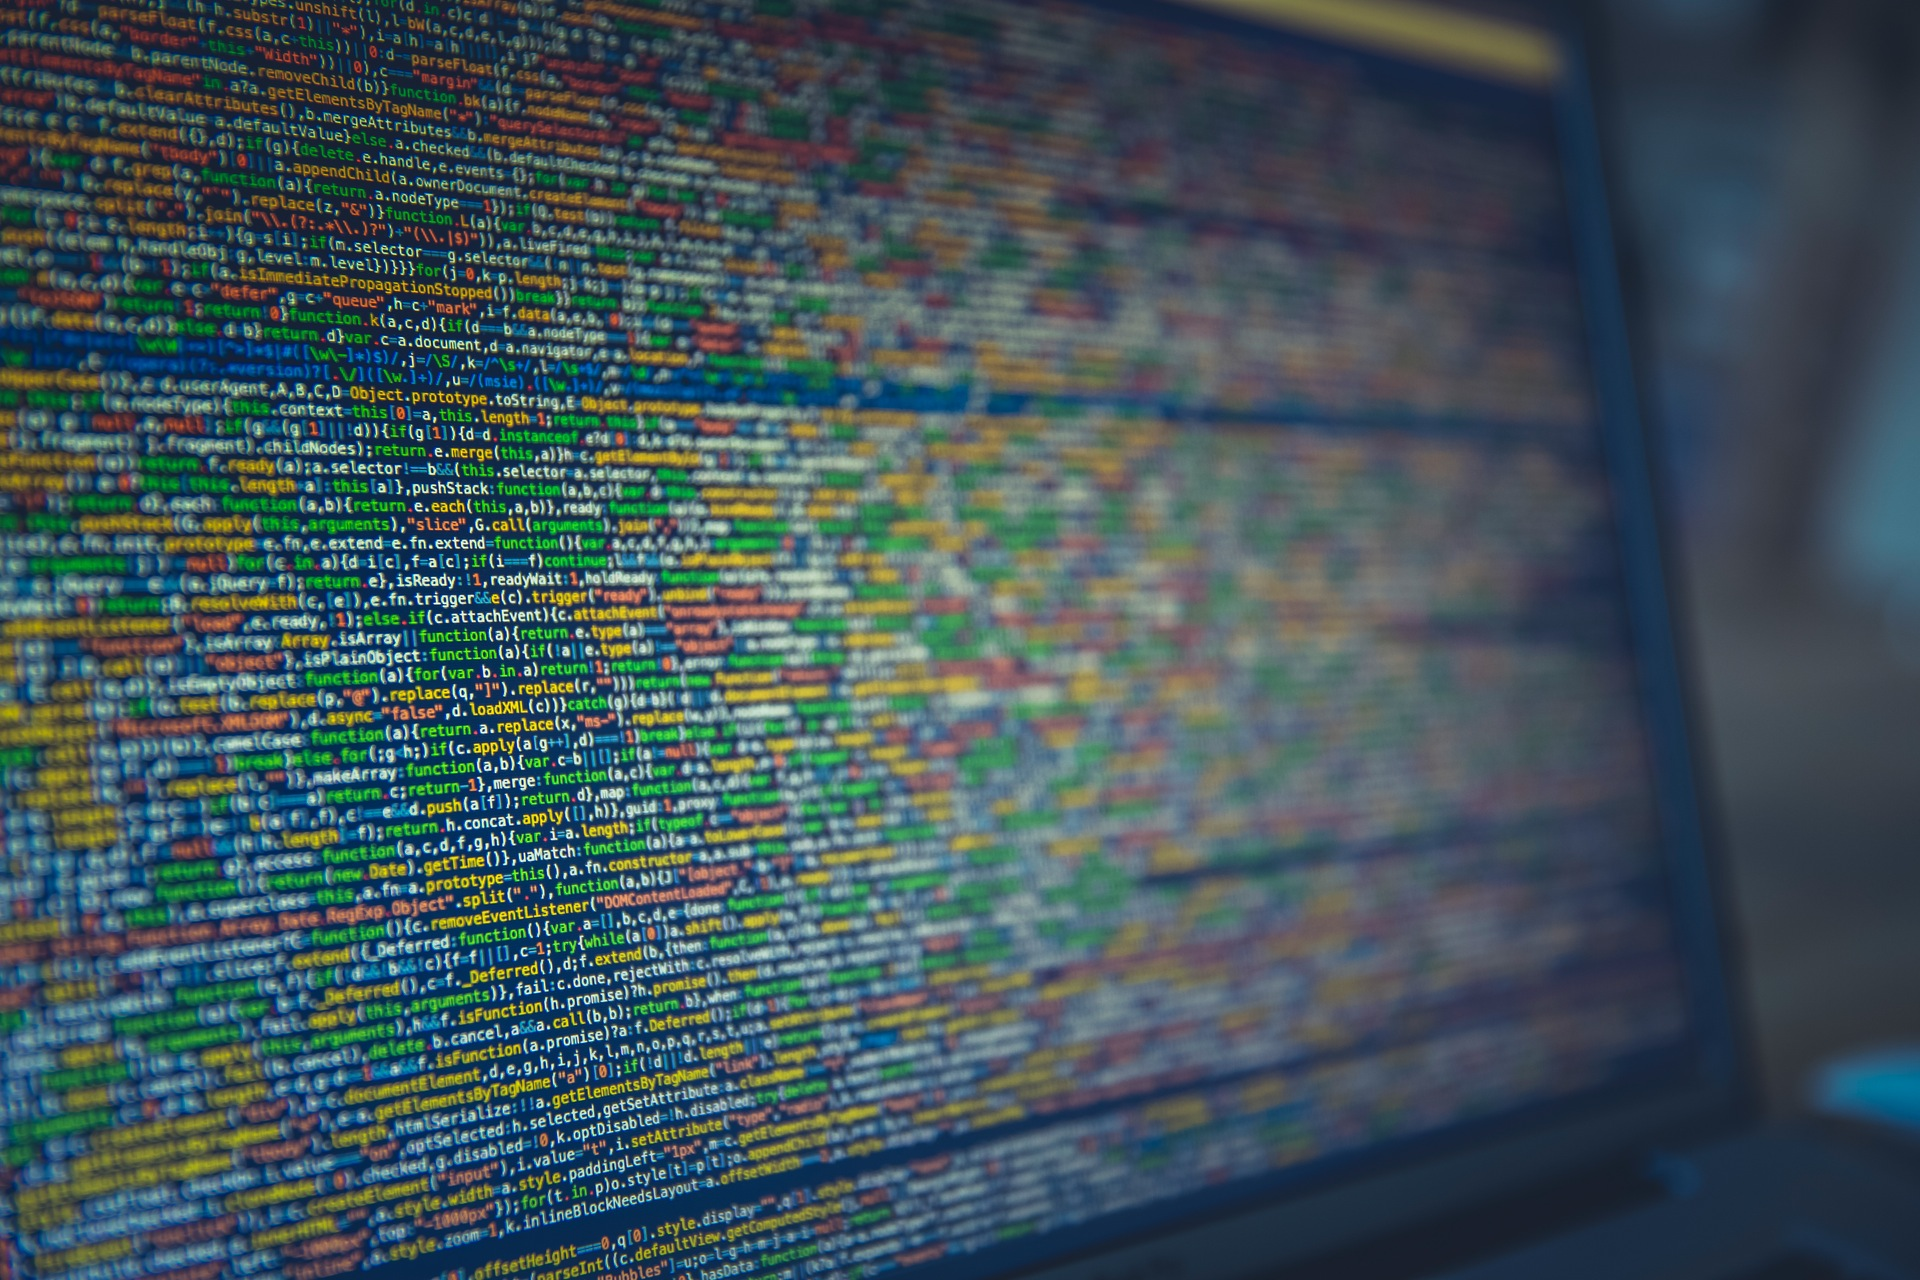 Full website vulnerability analysis